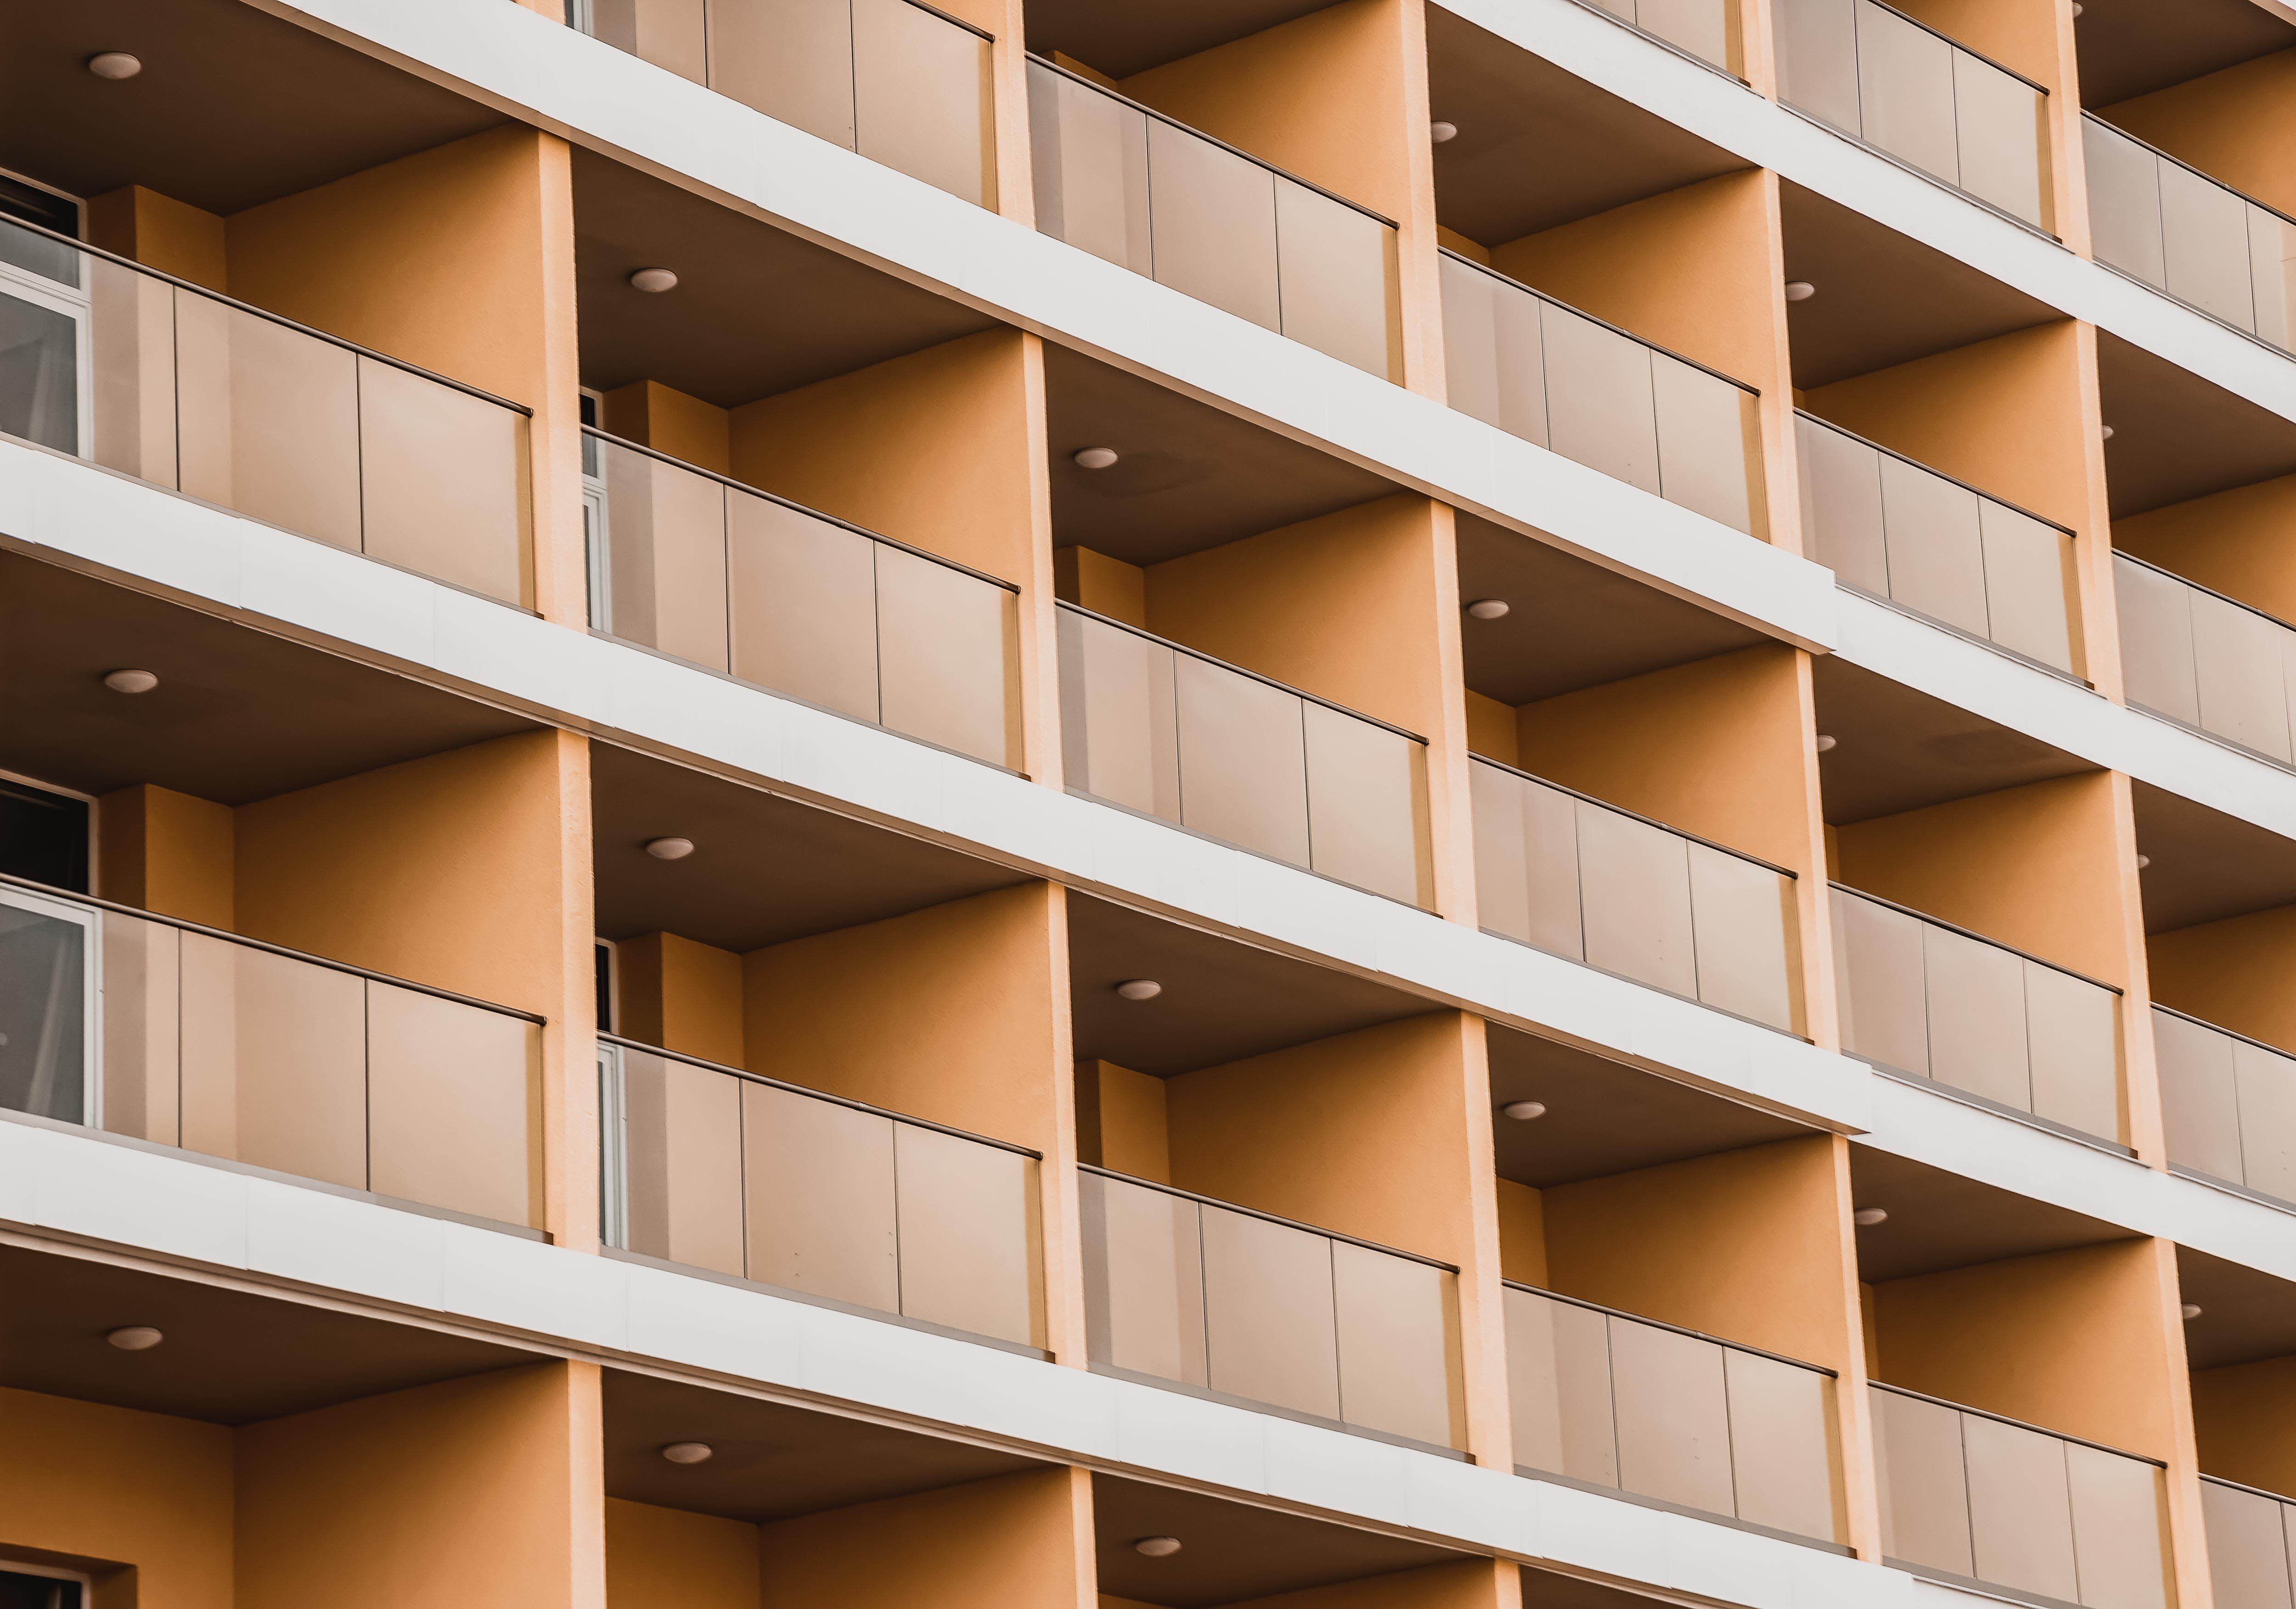 building-facade-6BB93S6